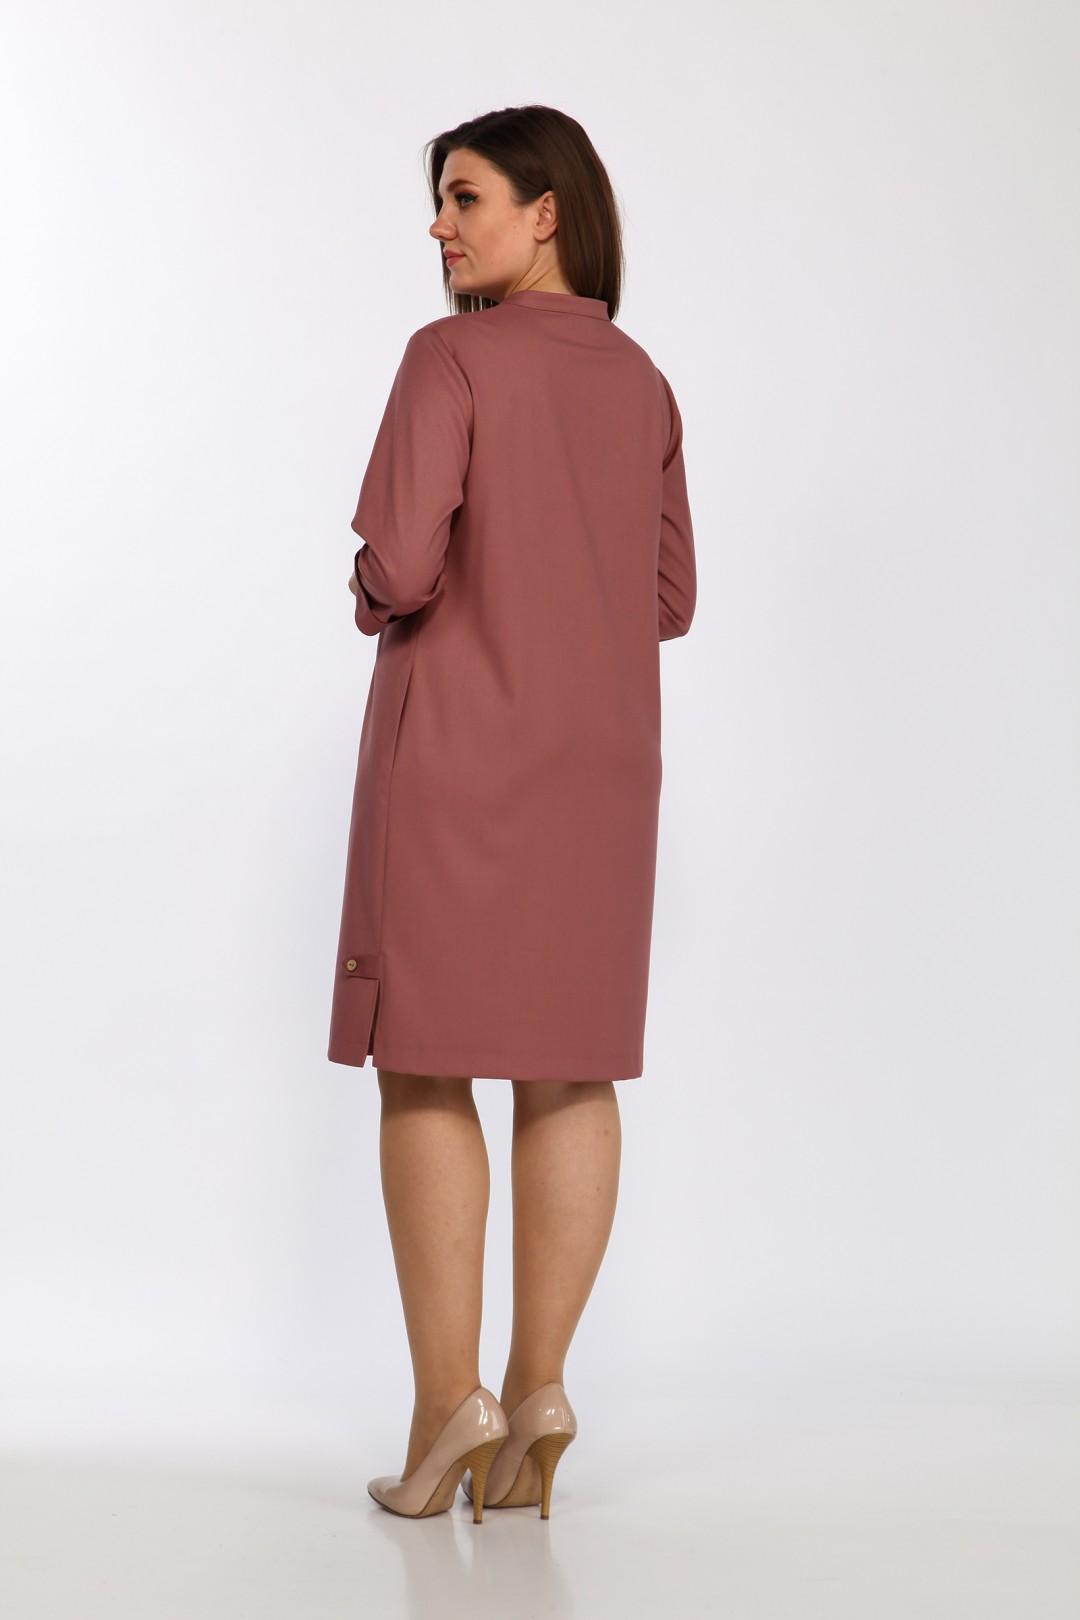 Платье LadyStyleClassic 2496 лиловый